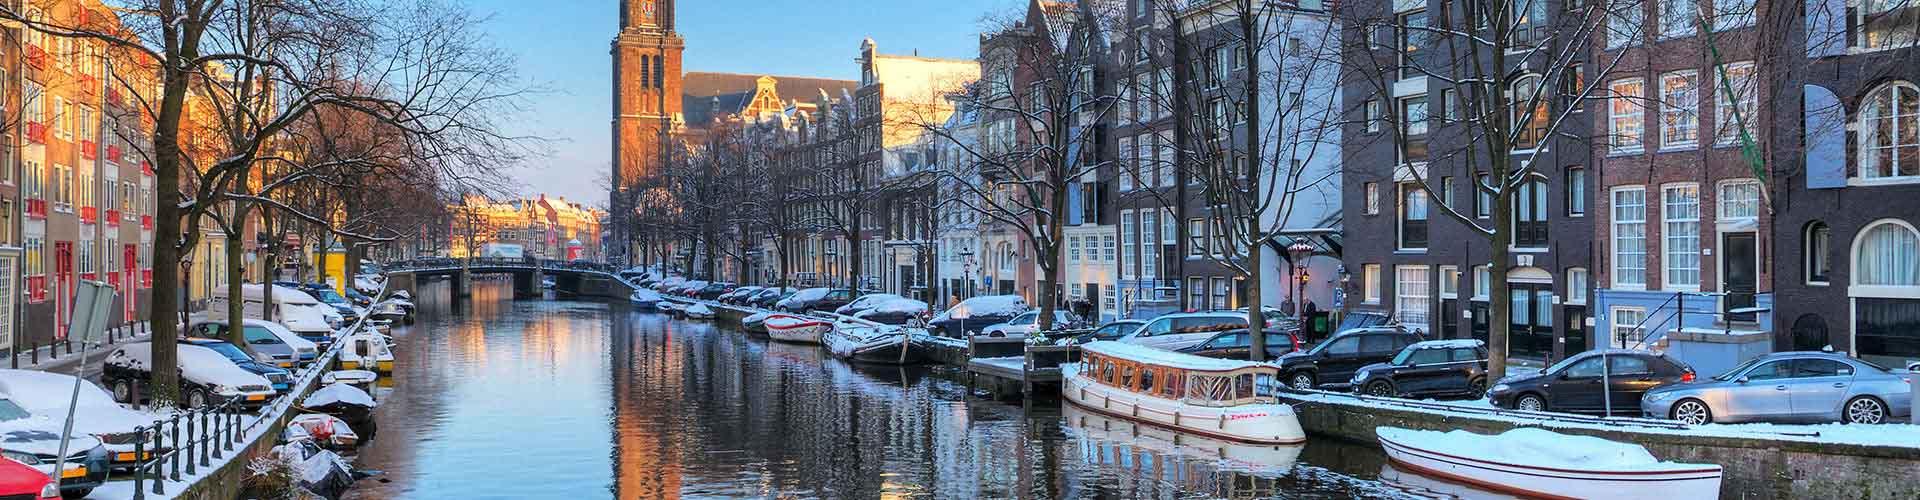 阿姆斯特丹 – 西教堂附近的公寓。阿姆斯特丹地图,阿姆斯特丹每间公寓的照片和评价。